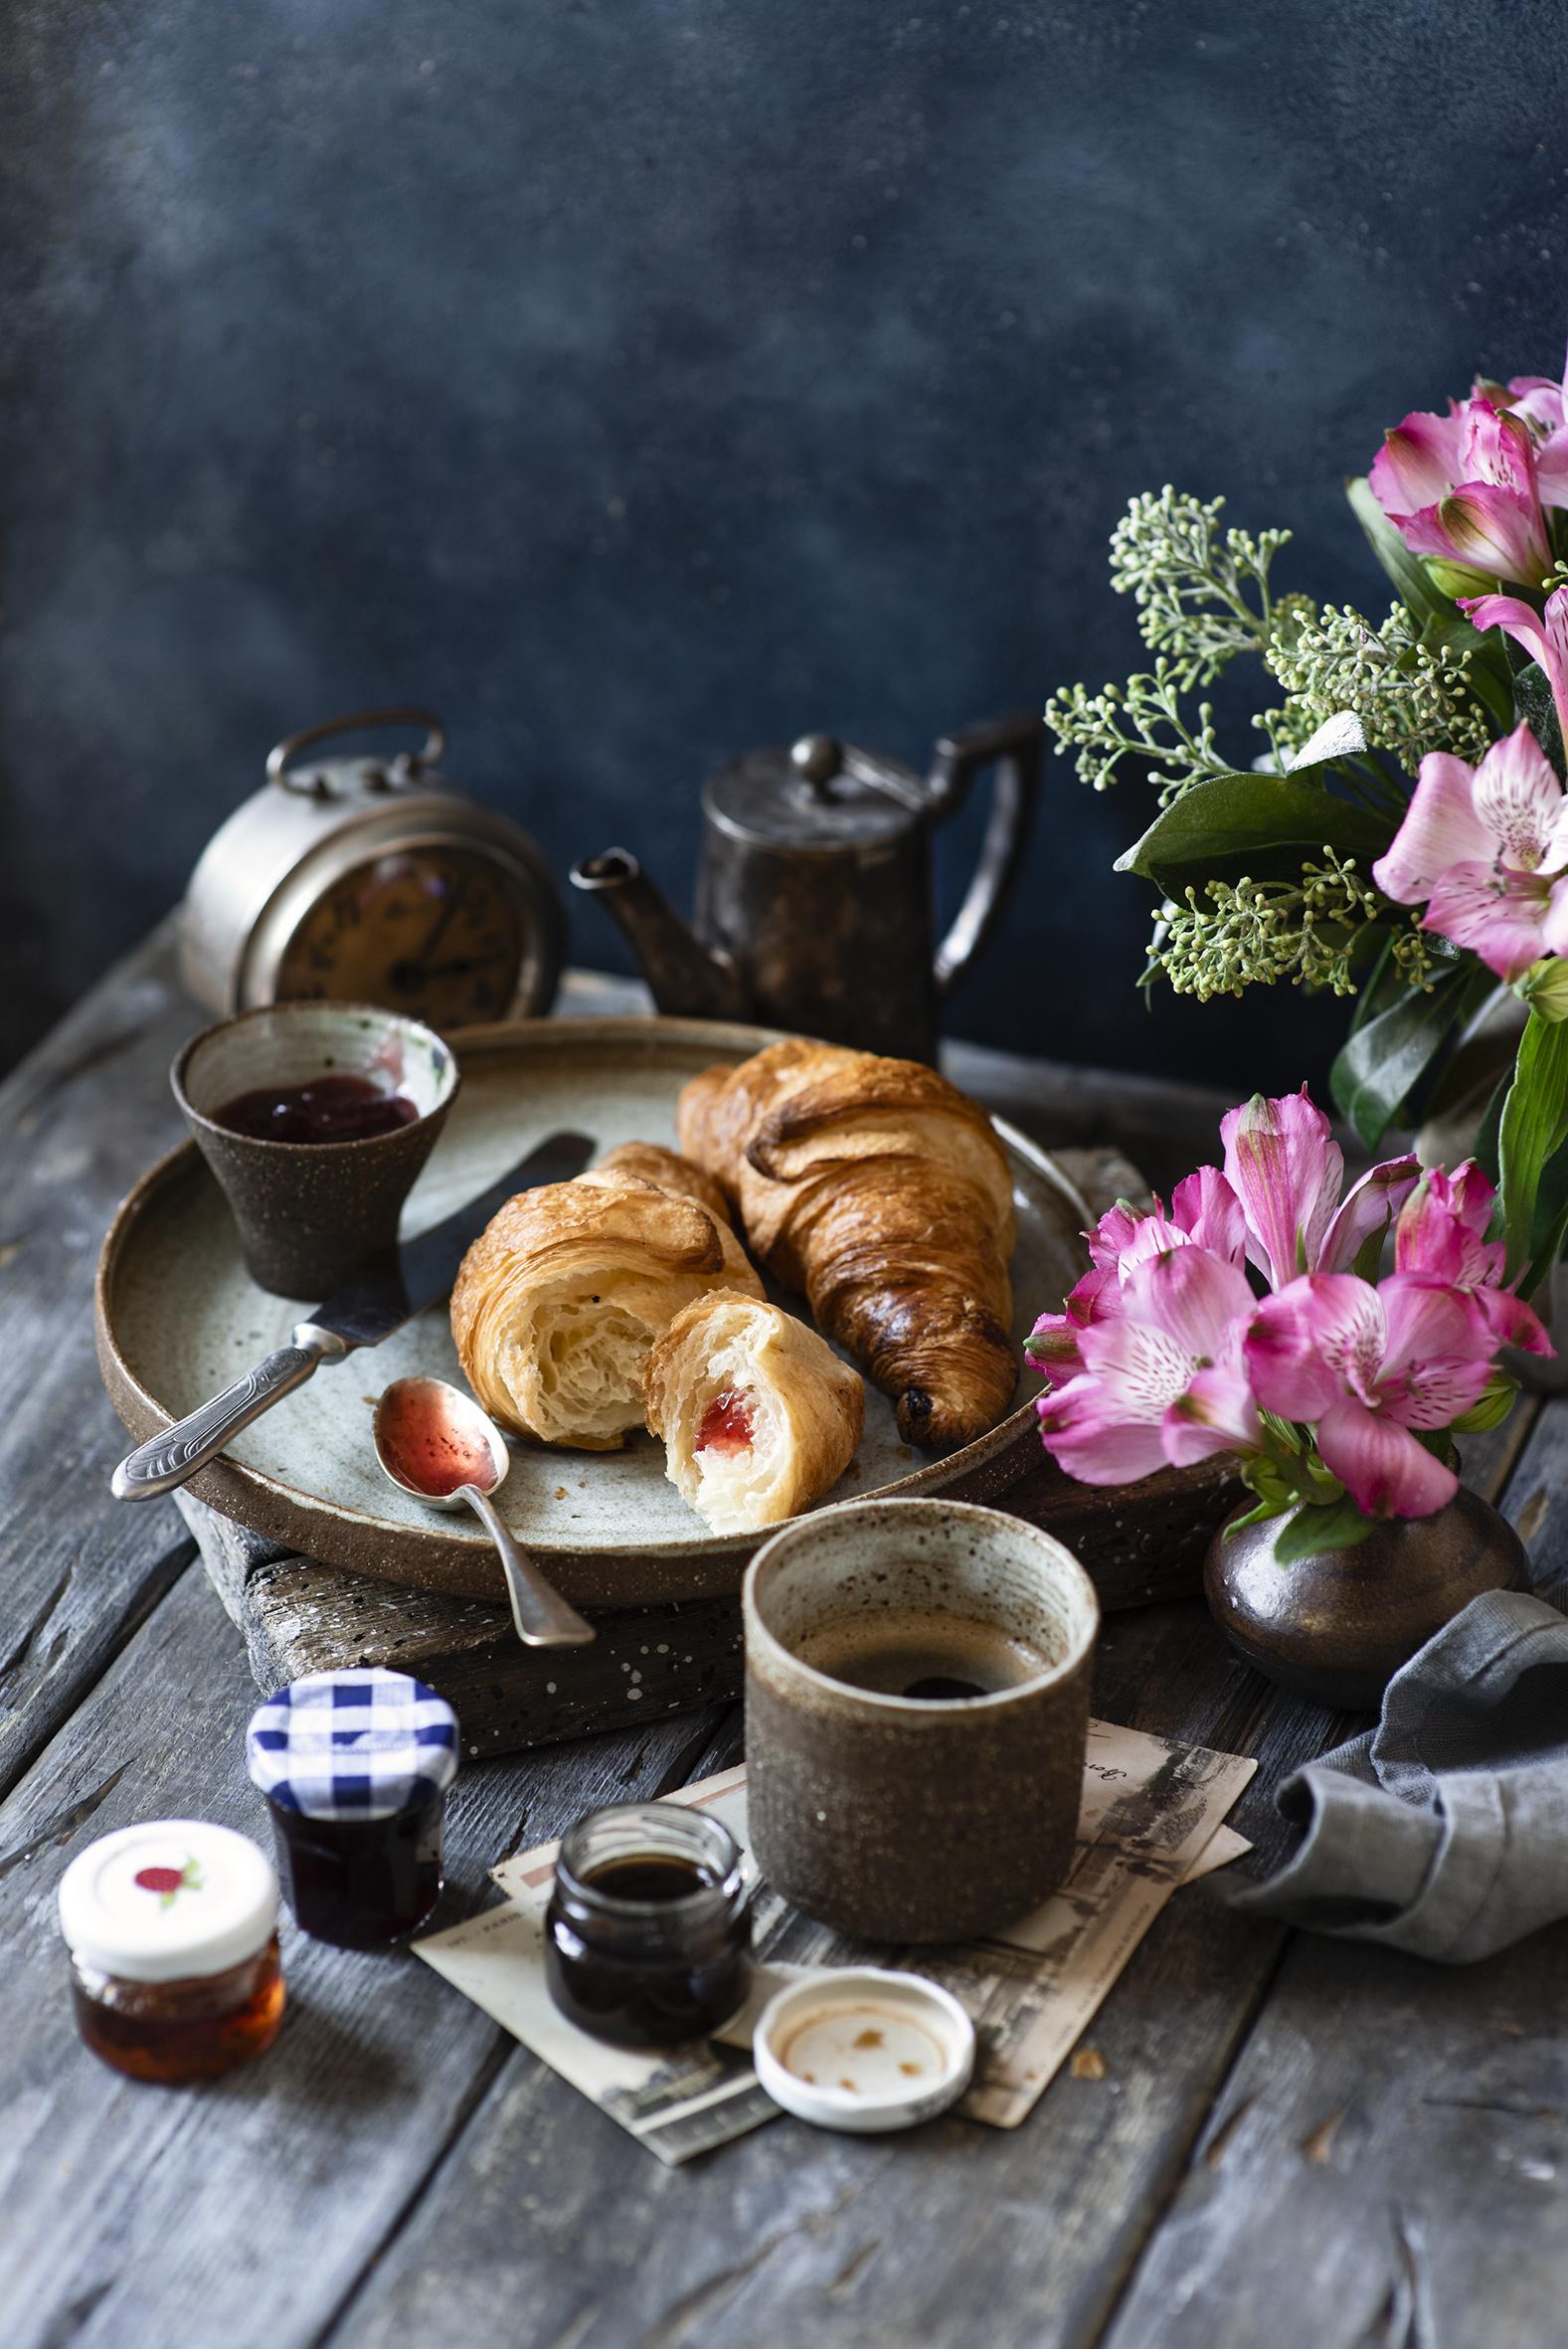 Fotos Kaffee Croissant Marmelade Weckglas Alstroemeria Vase Becher das Essen Stillleben Bretter  für Handy Warenje Konfitüre Inkalilien Einweckglas Lebensmittel